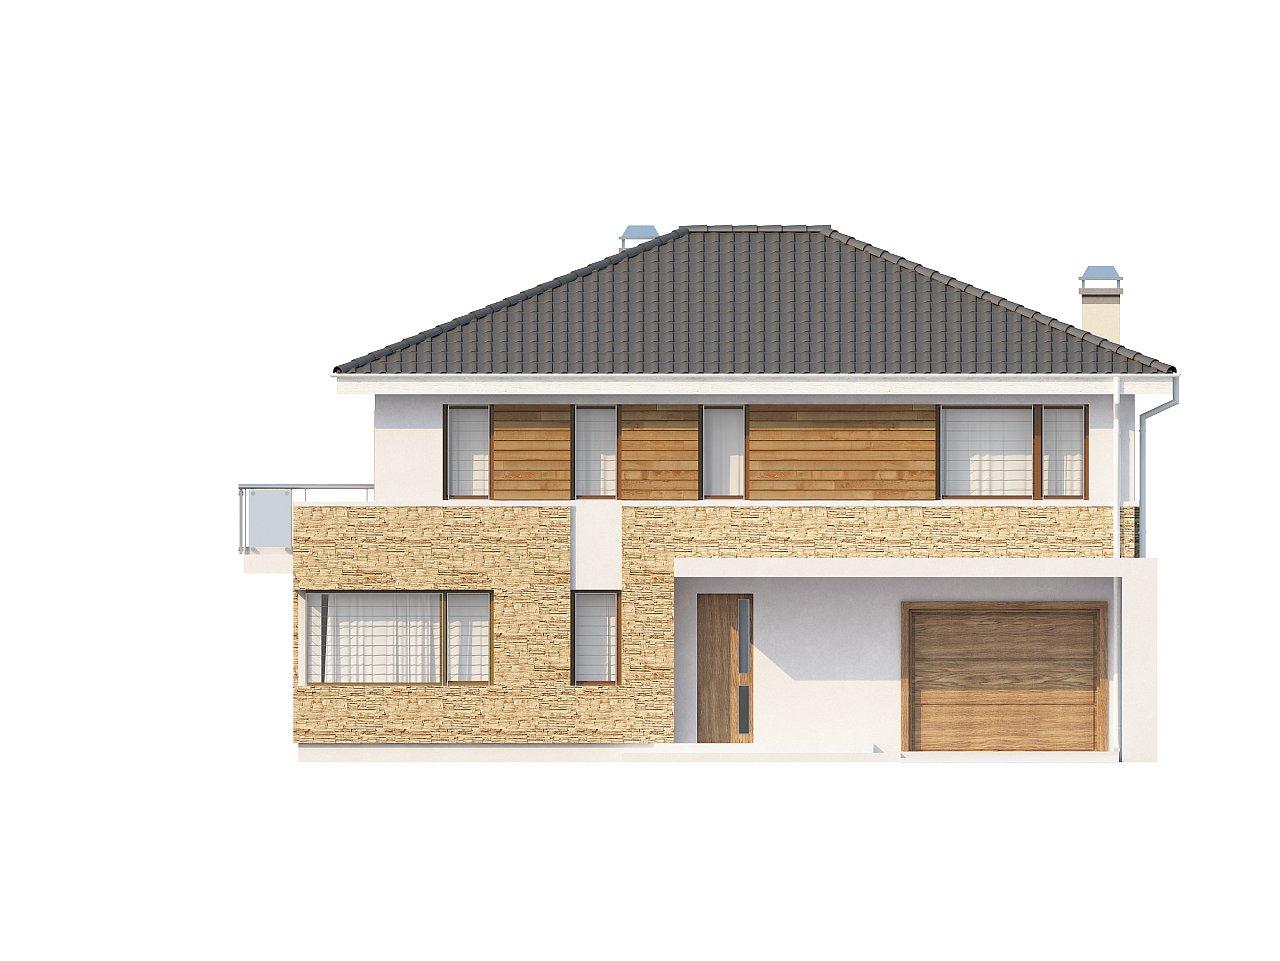 Просторный двухэтажный дом минималистичного современного дизайна. 6